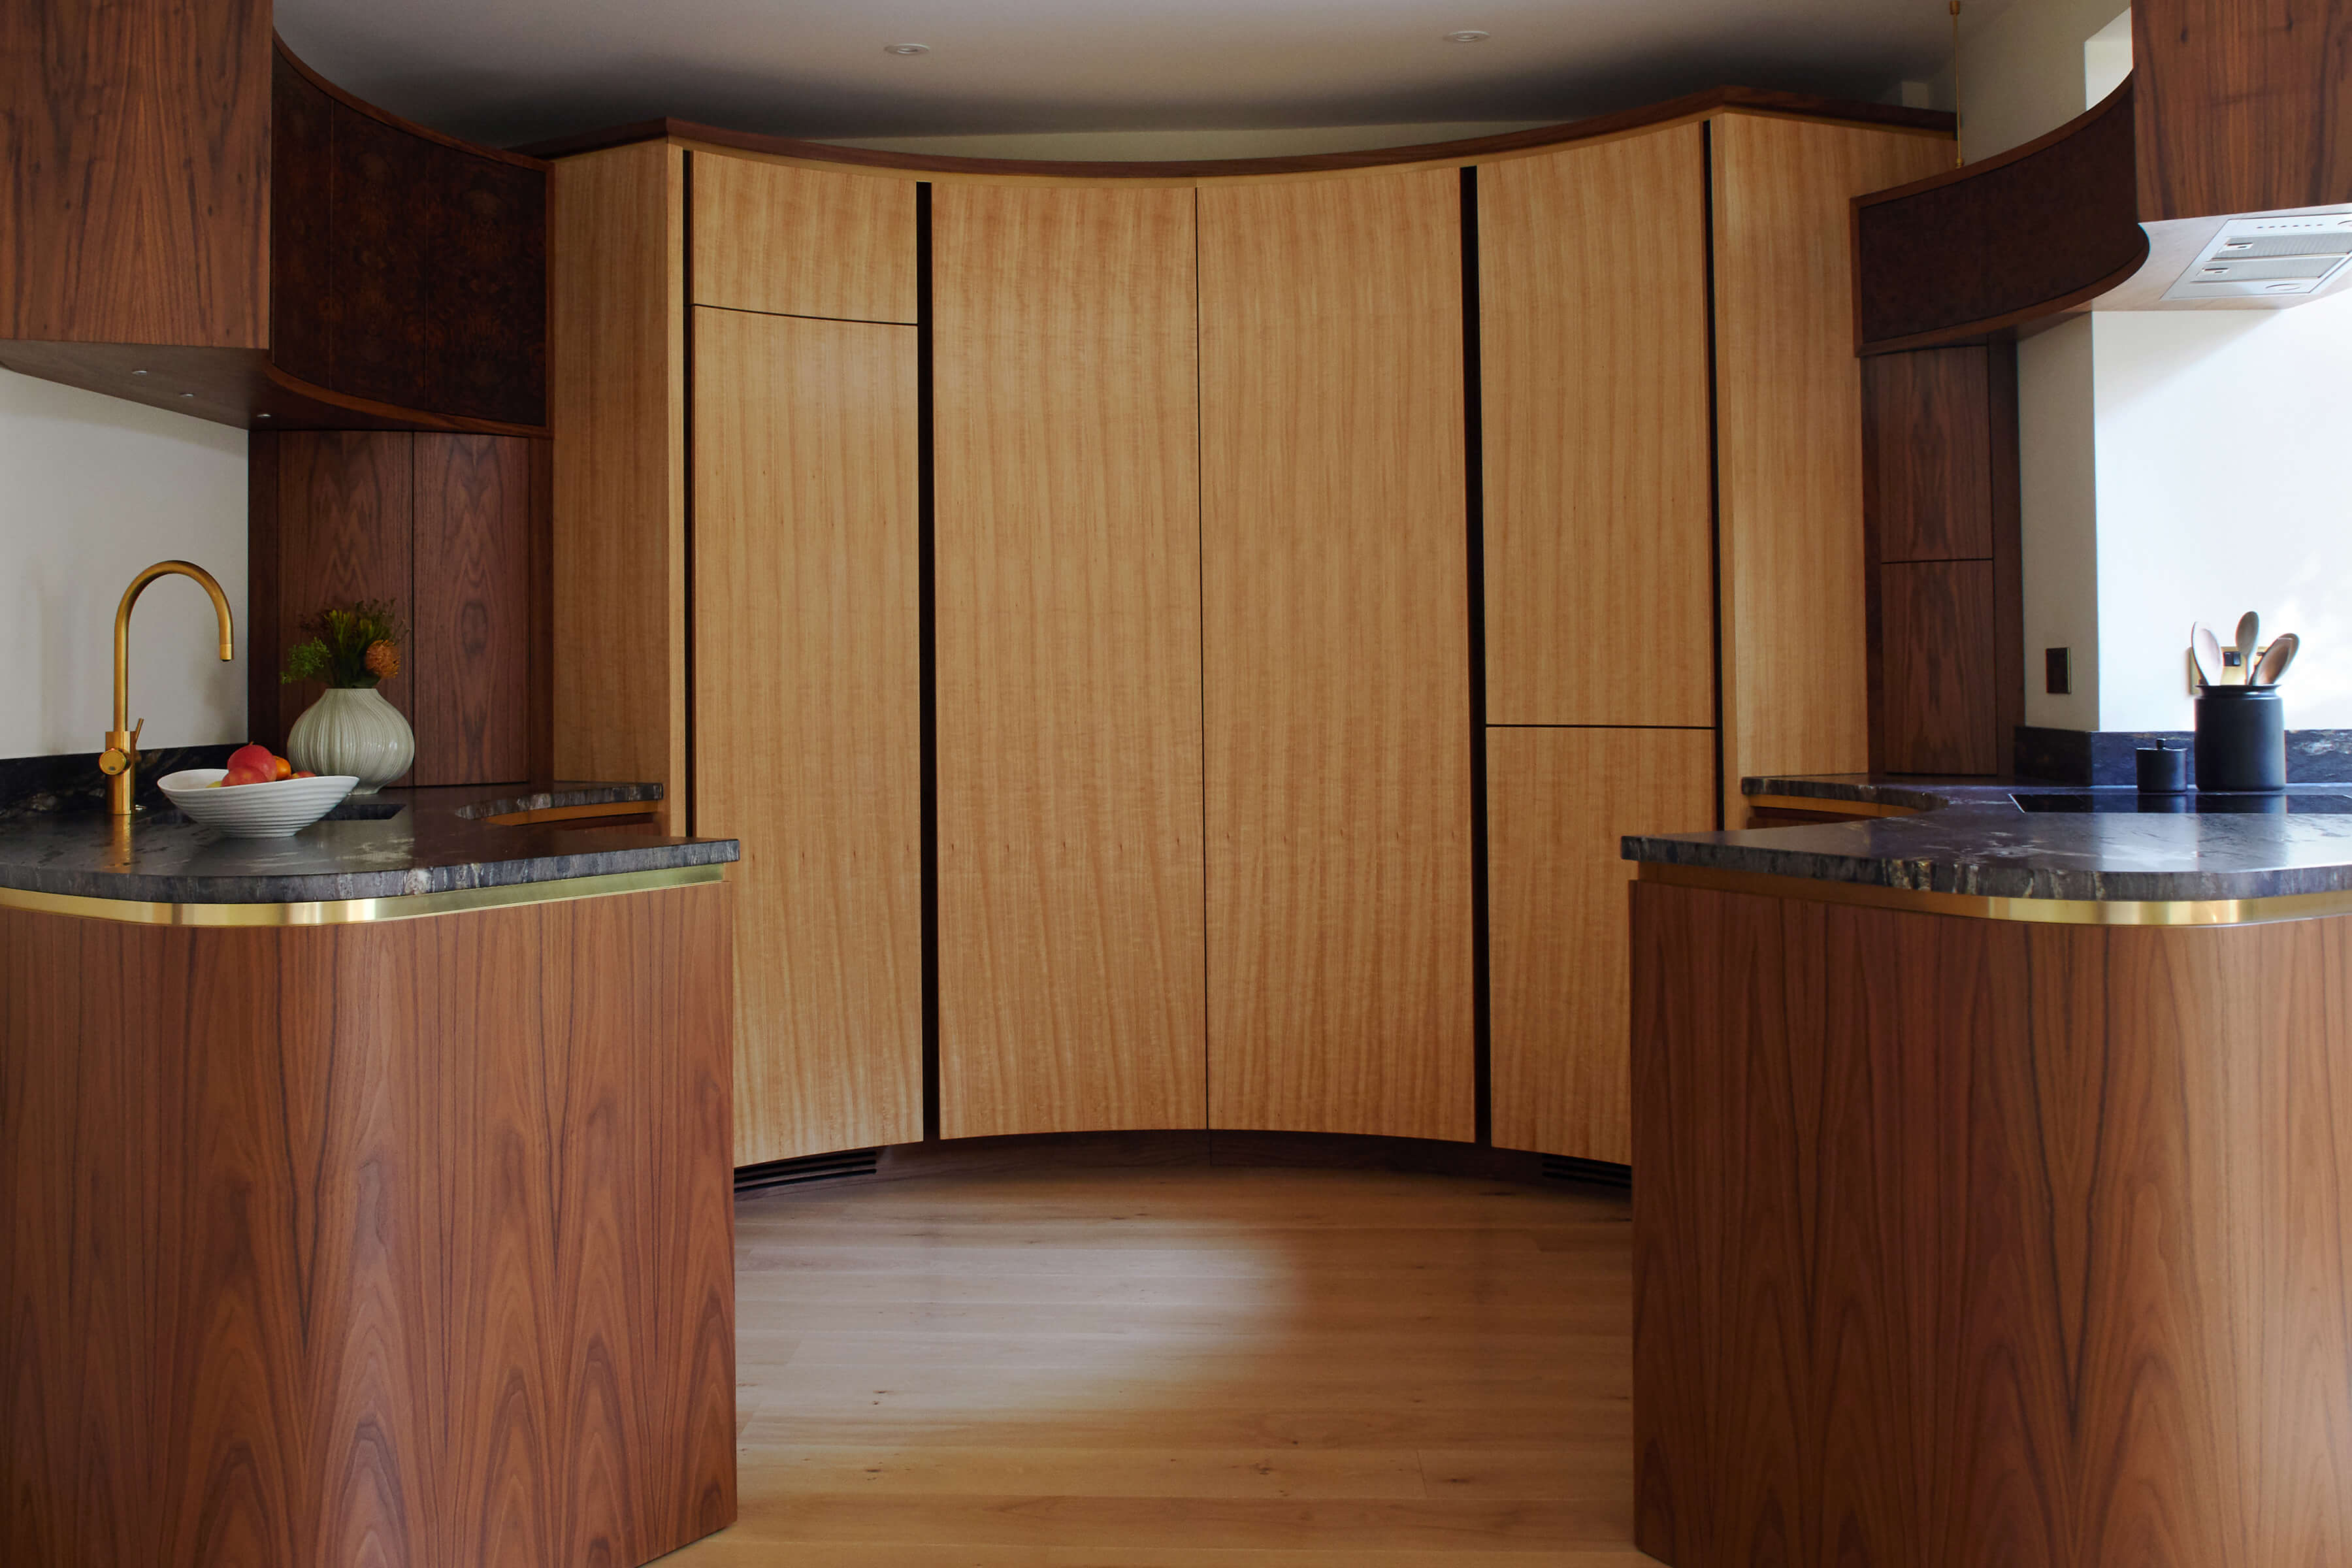 Interesting circular kitchen design by Splinterworks